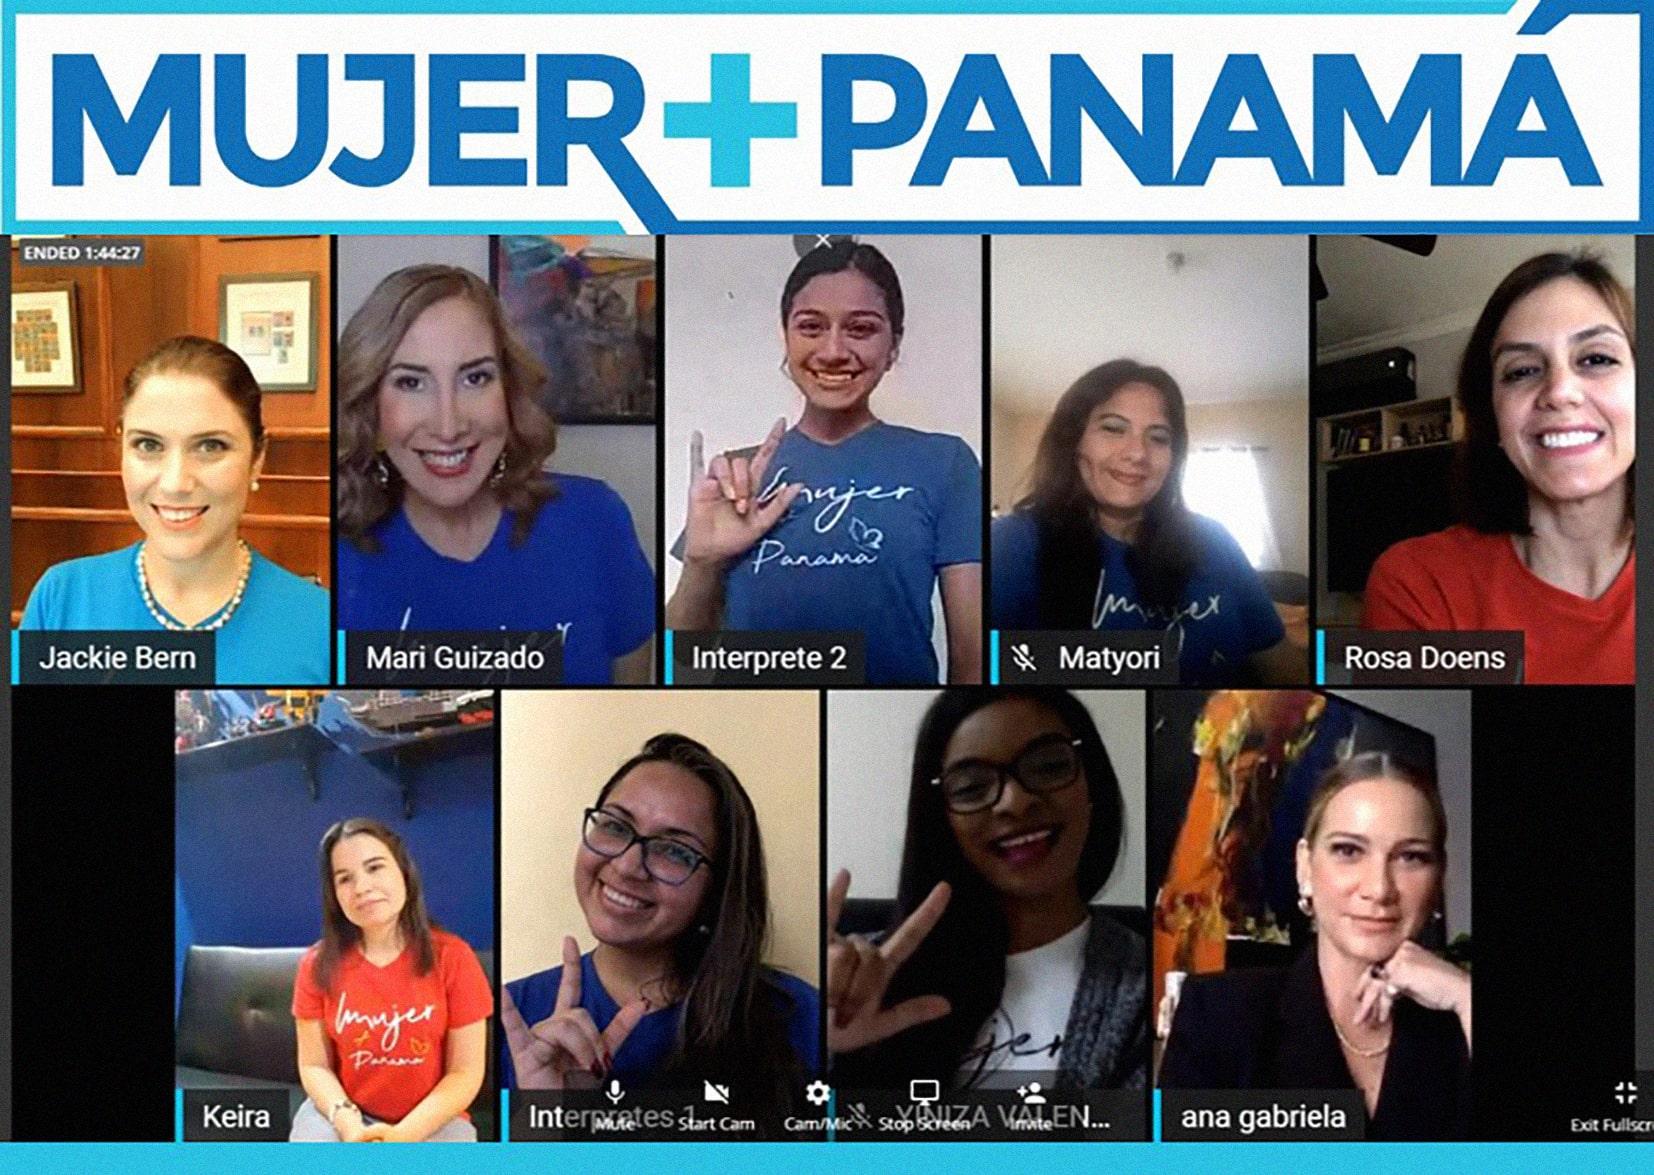 EMPRESARIALES EVENTOS    Encuentro significativo de El Club Mujer + Panamá